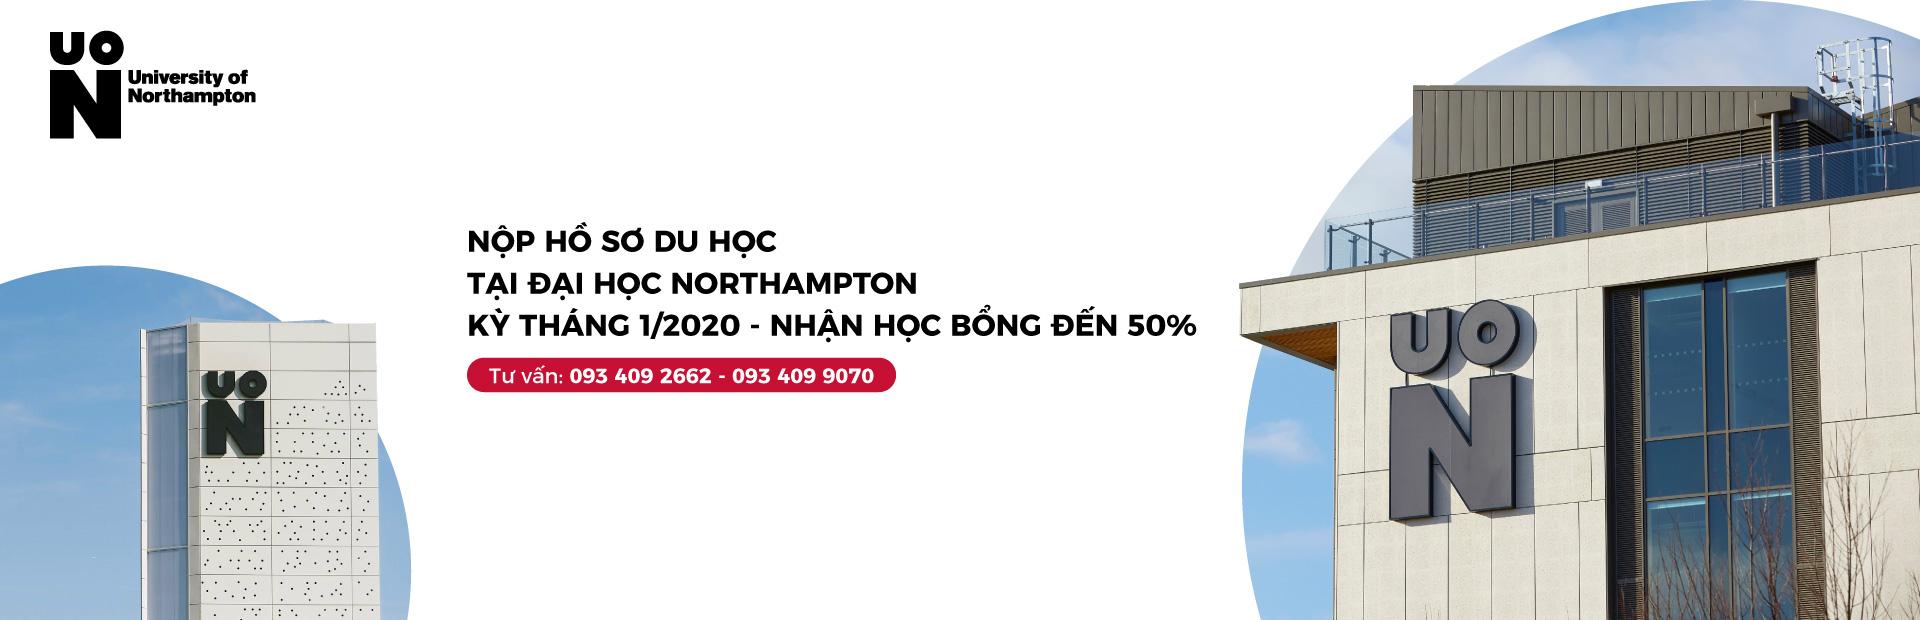 Nouthampton